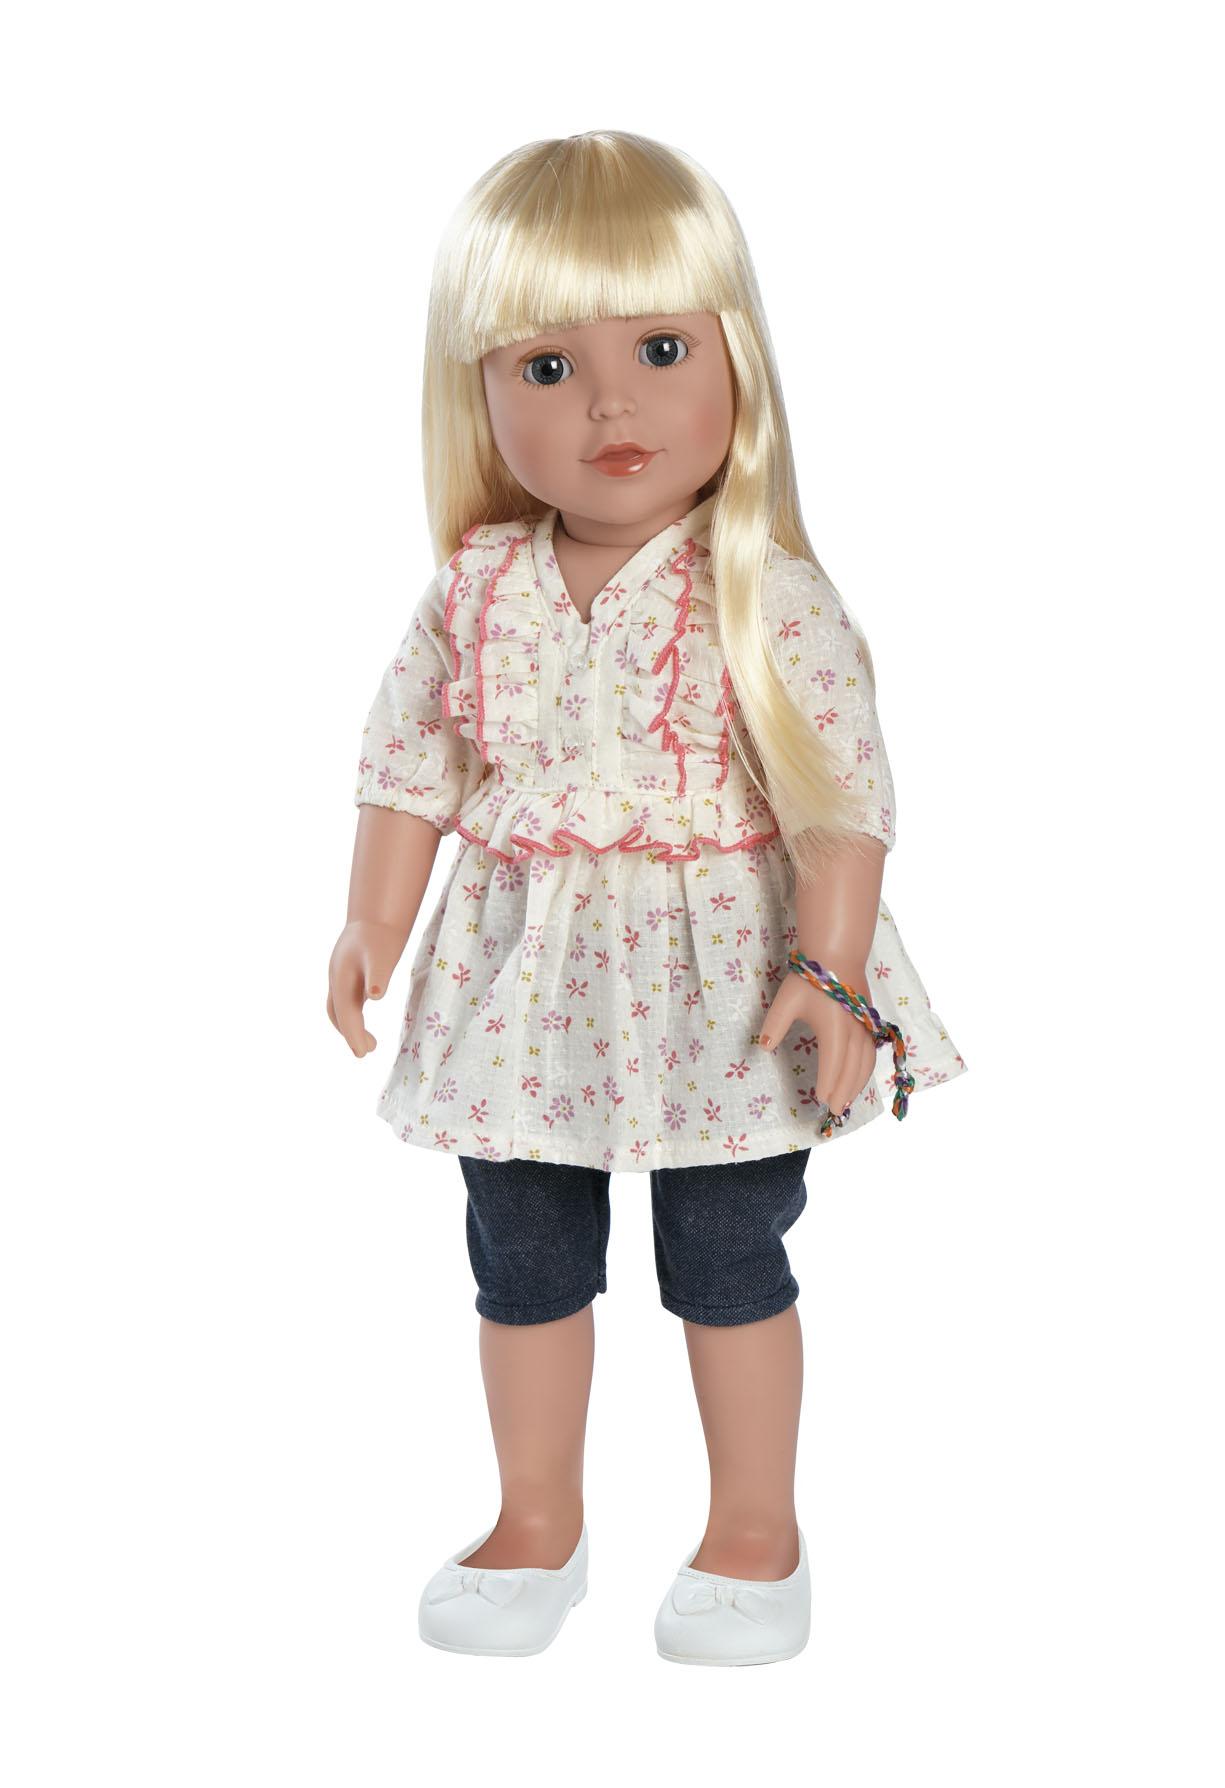 Кукла Adora – Алиссия, 46 см., 20503001